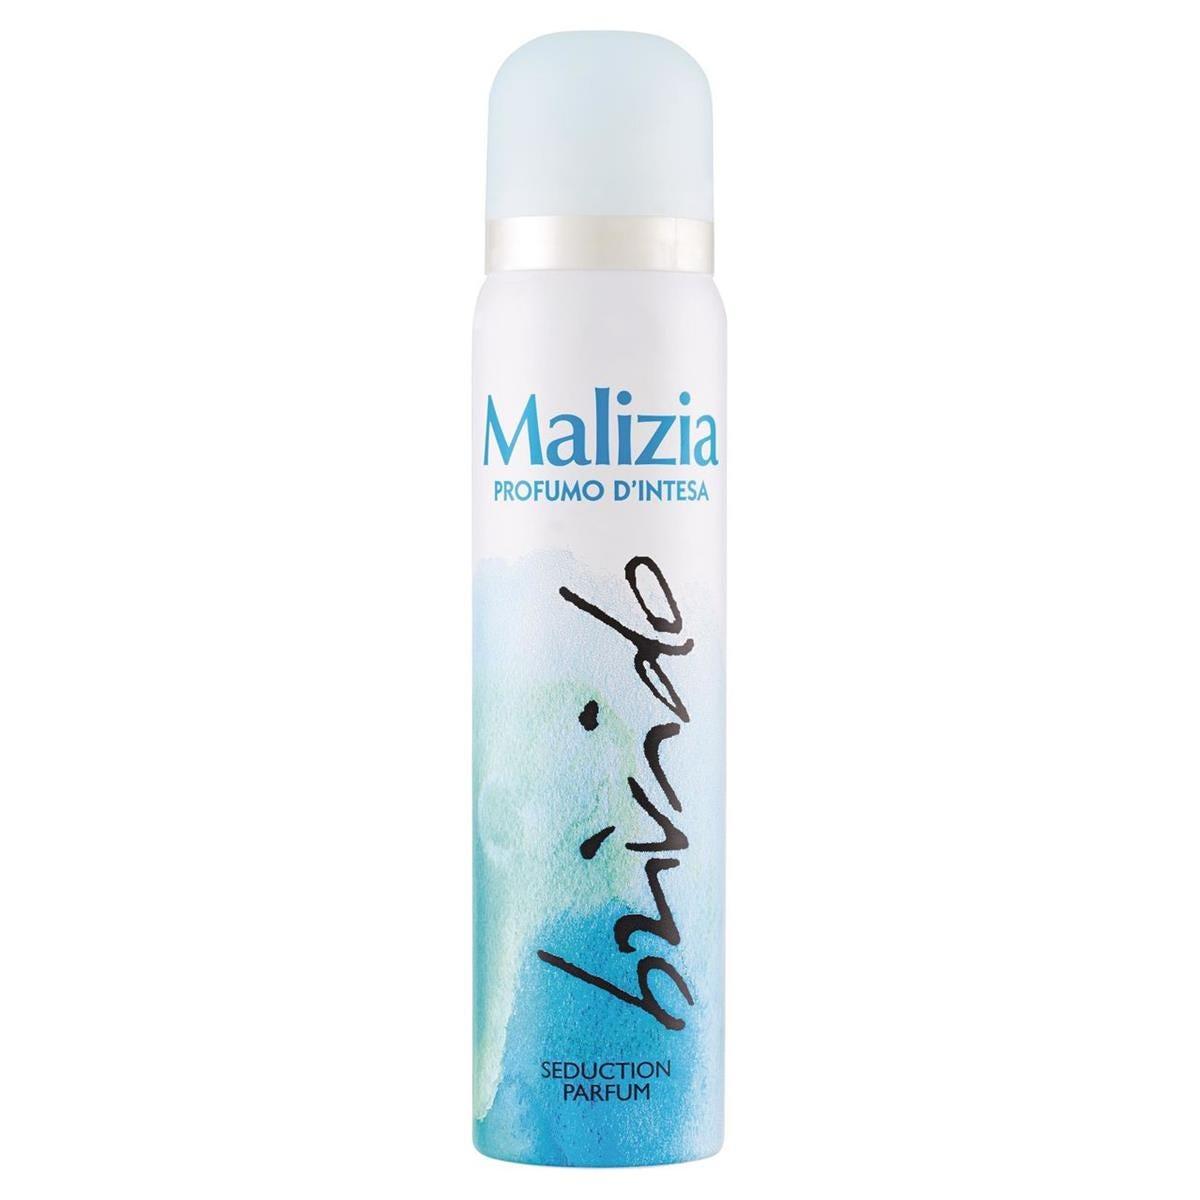 Malizia Deodorante Donna Brivido Spray 100ml | Tigotà